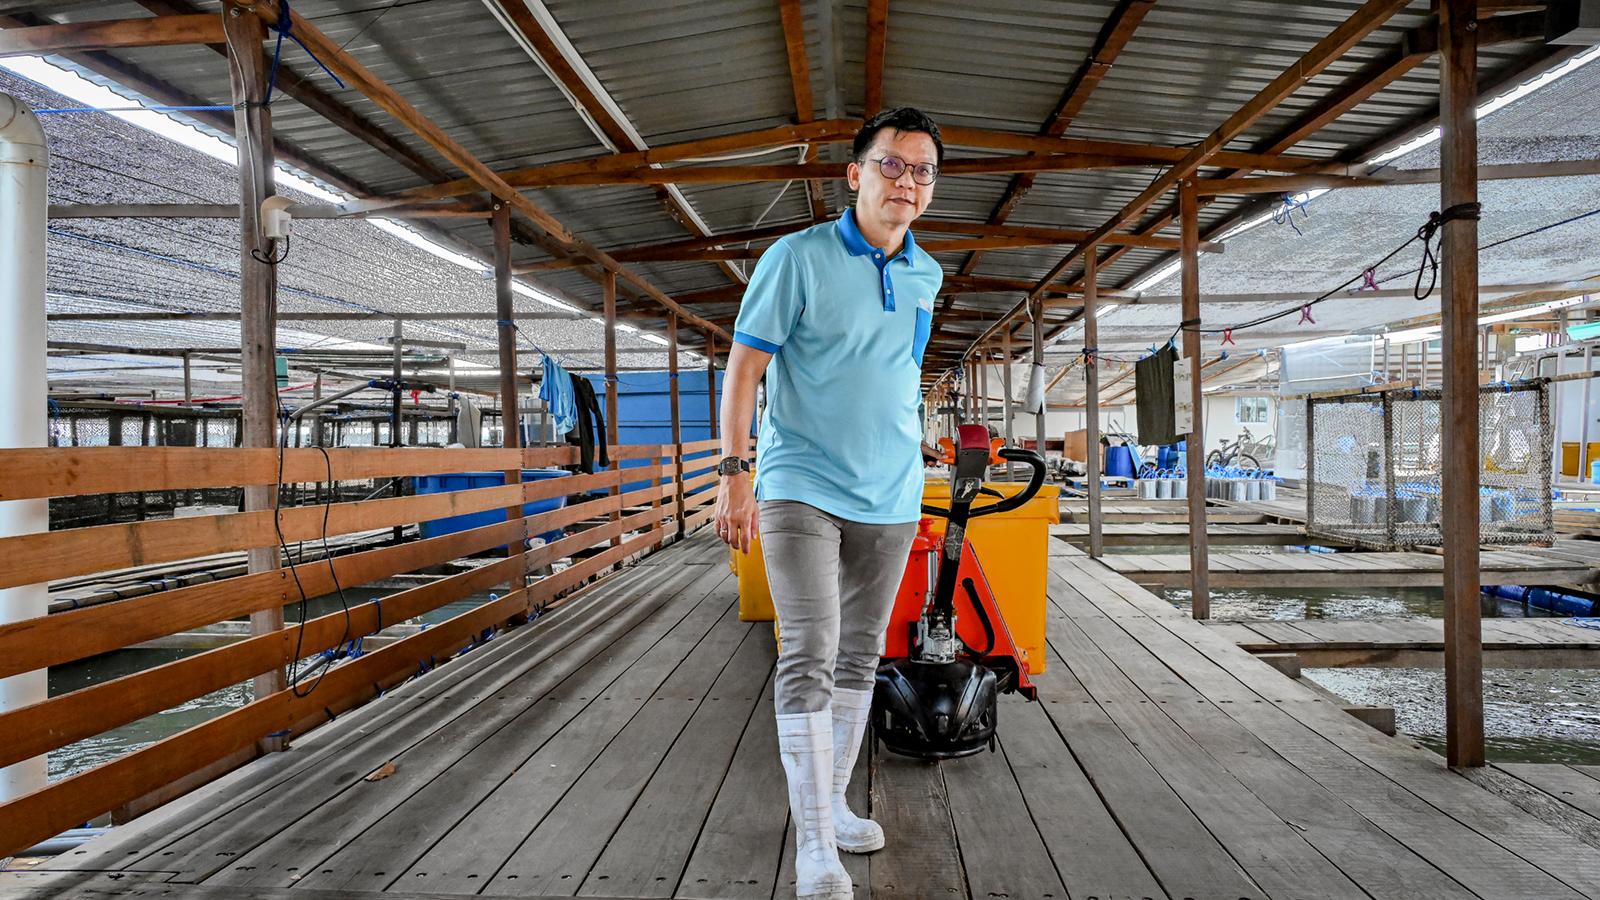 Tony Tan Yong Chuan